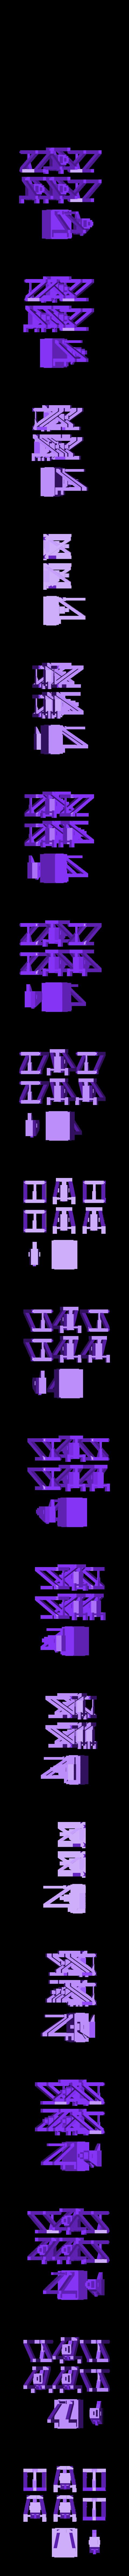 stackable_bisj_component.stl Télécharger fichier STL gratuit Bisj empilable de base • Design à imprimer en 3D, Slagerqod